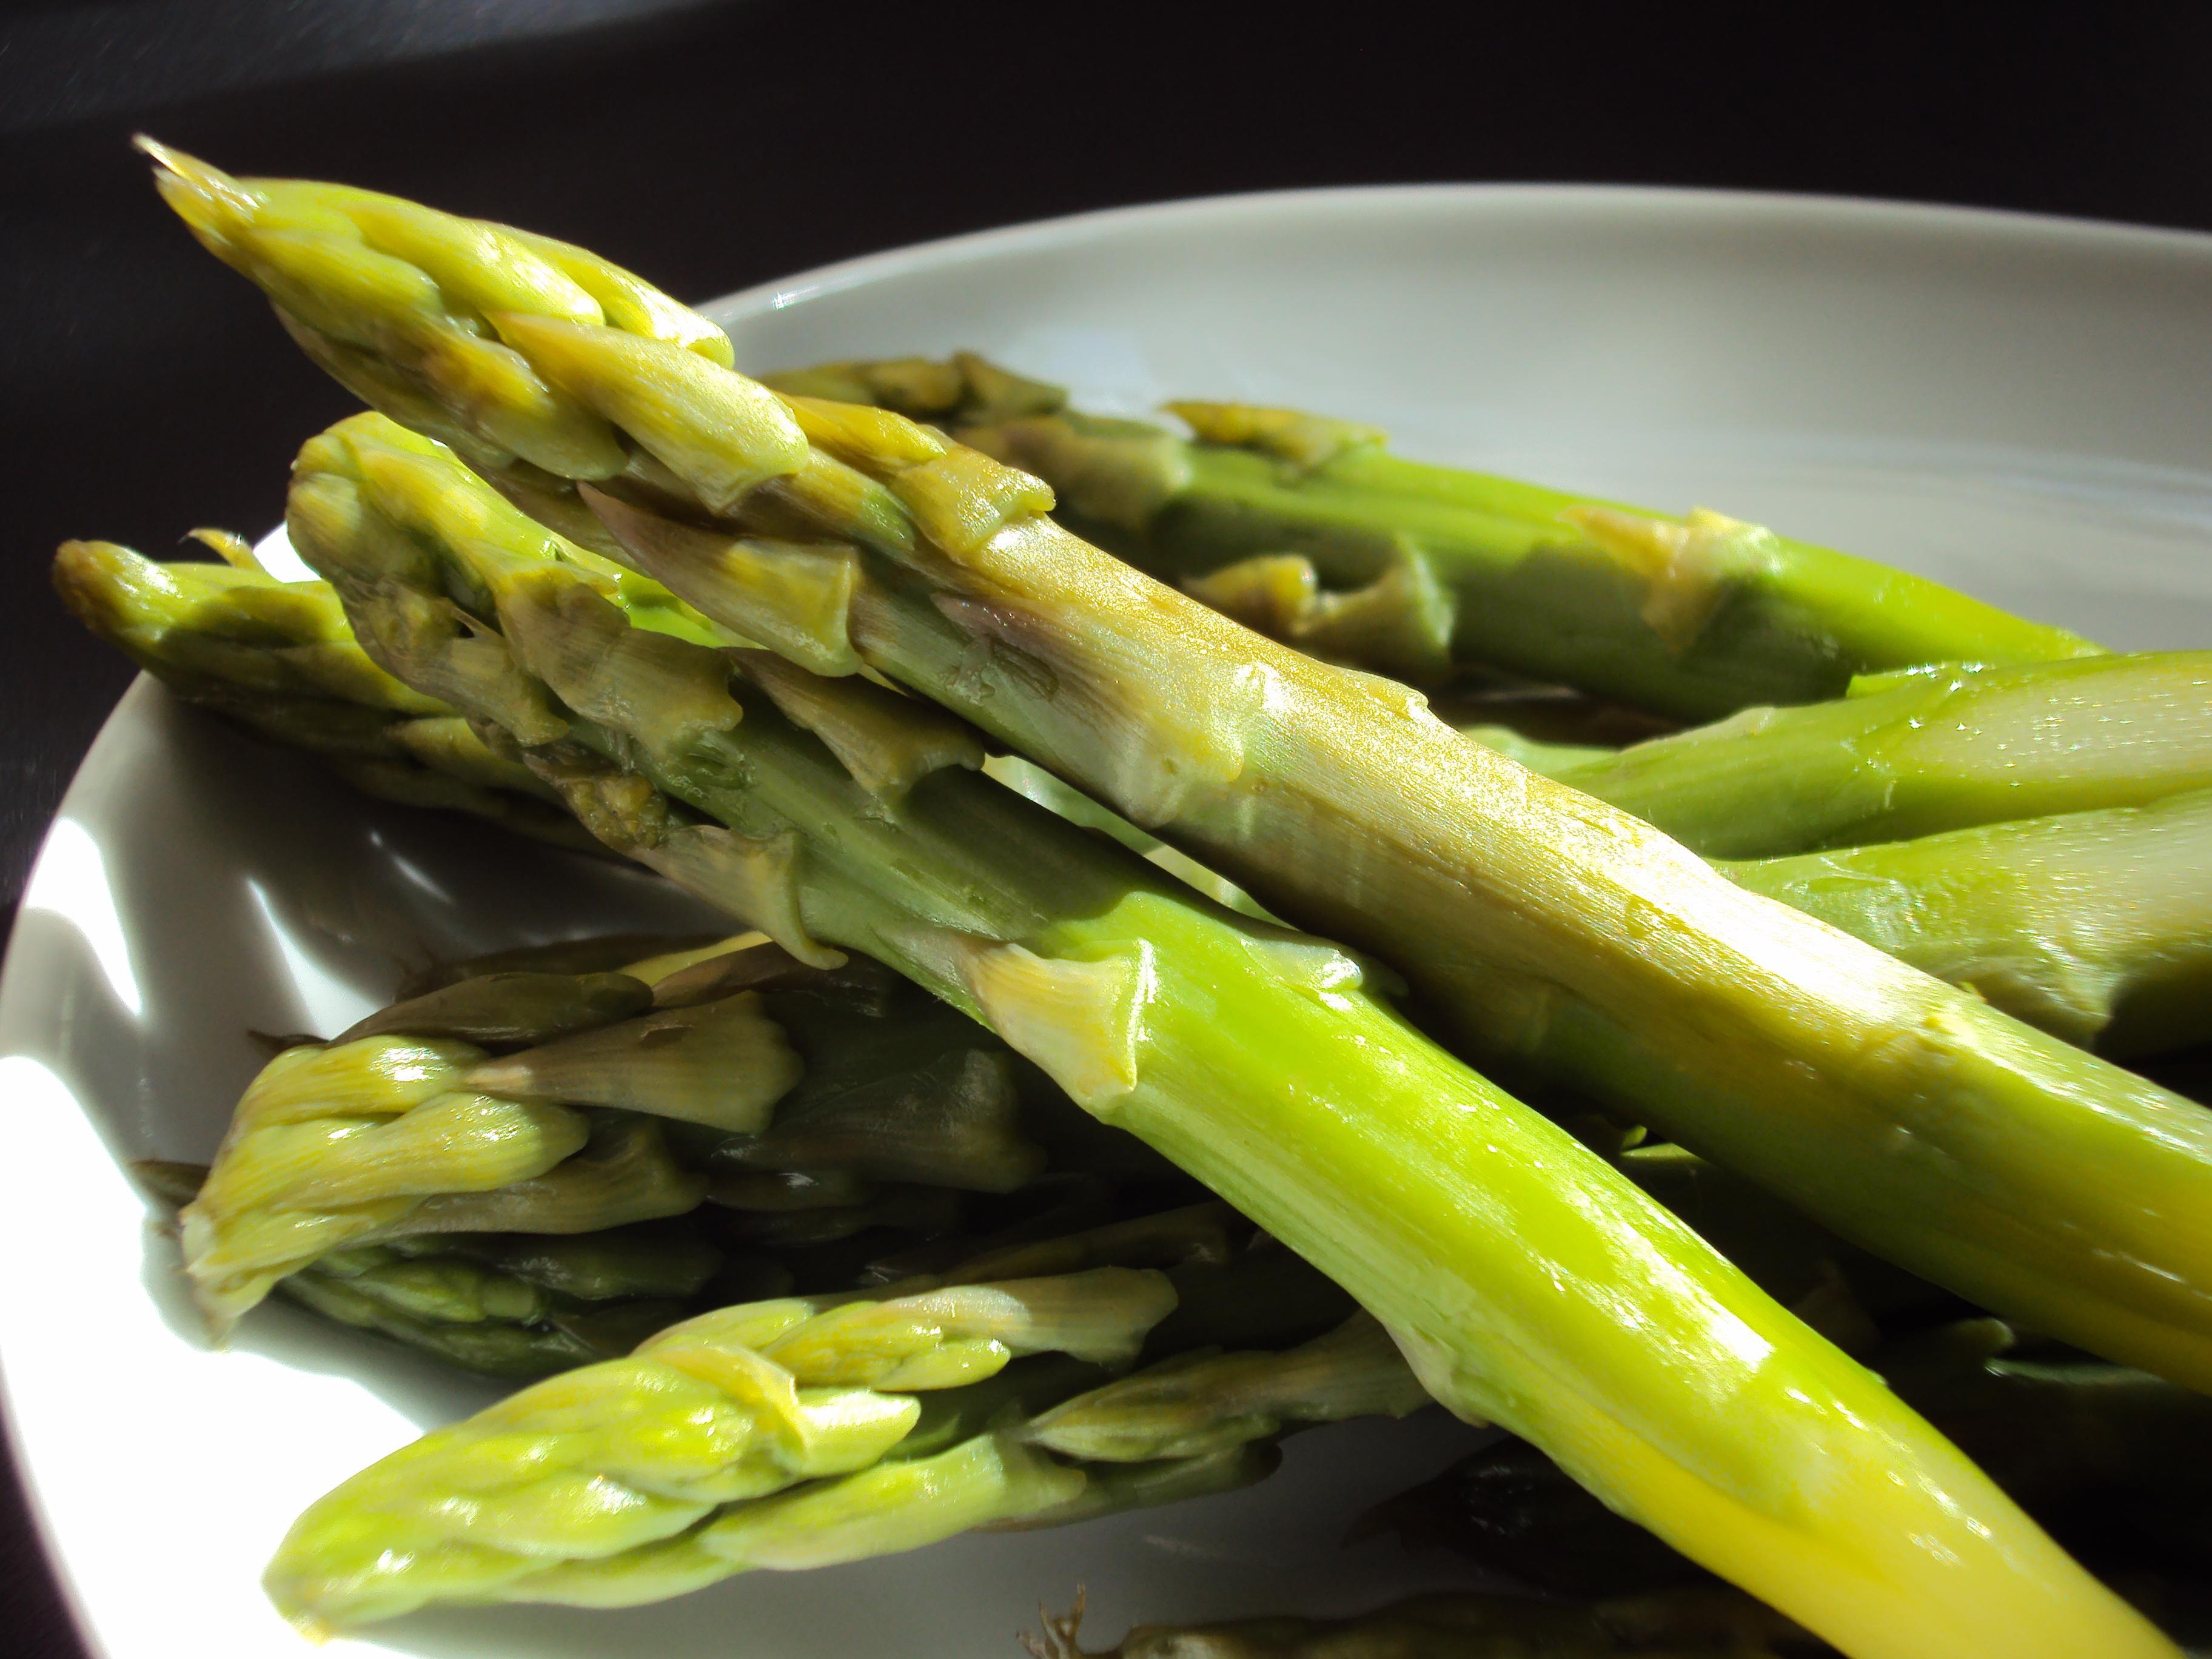 O aspargo é rico em nutrientes que contribuem com a saúde. (Foto Ilustrativa)